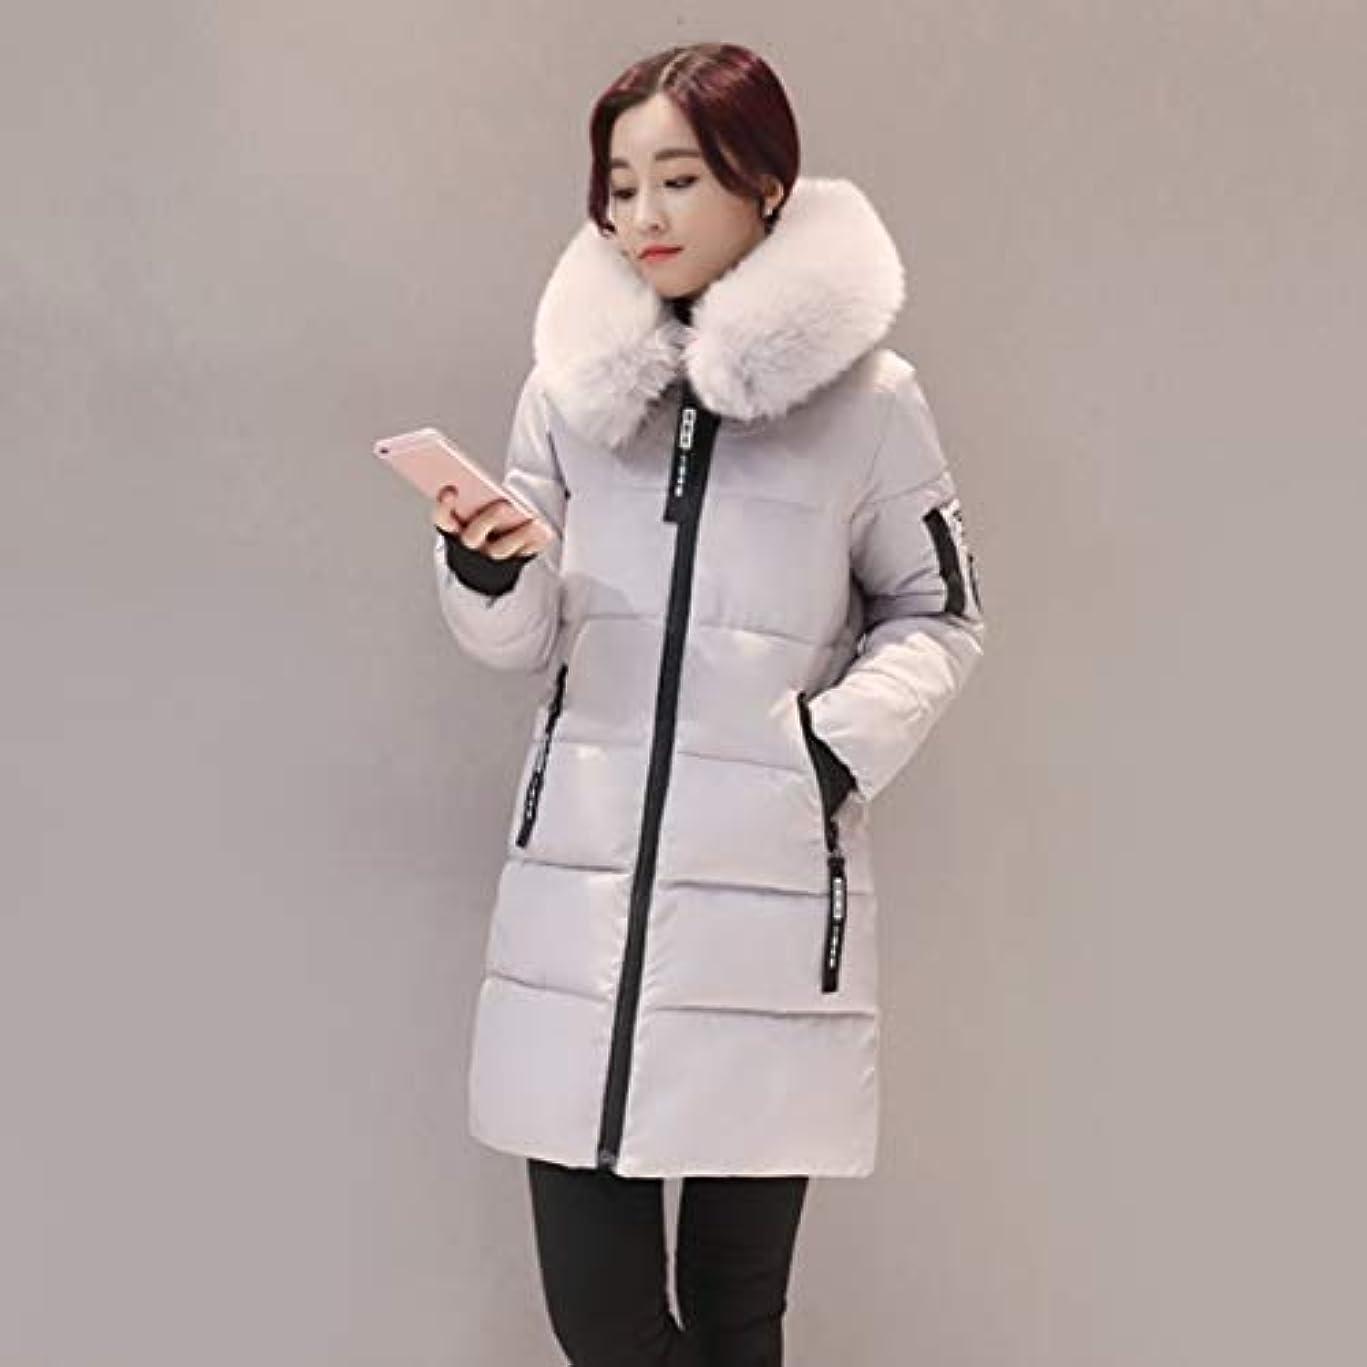 毎月蜂グラフィック韓国スタイルの女性のコートファッションオールマッチフード付きダウンジャケットコットンパッド入りの厚く暖かいコートミドルロング冬生き抜くコート-グレーXl